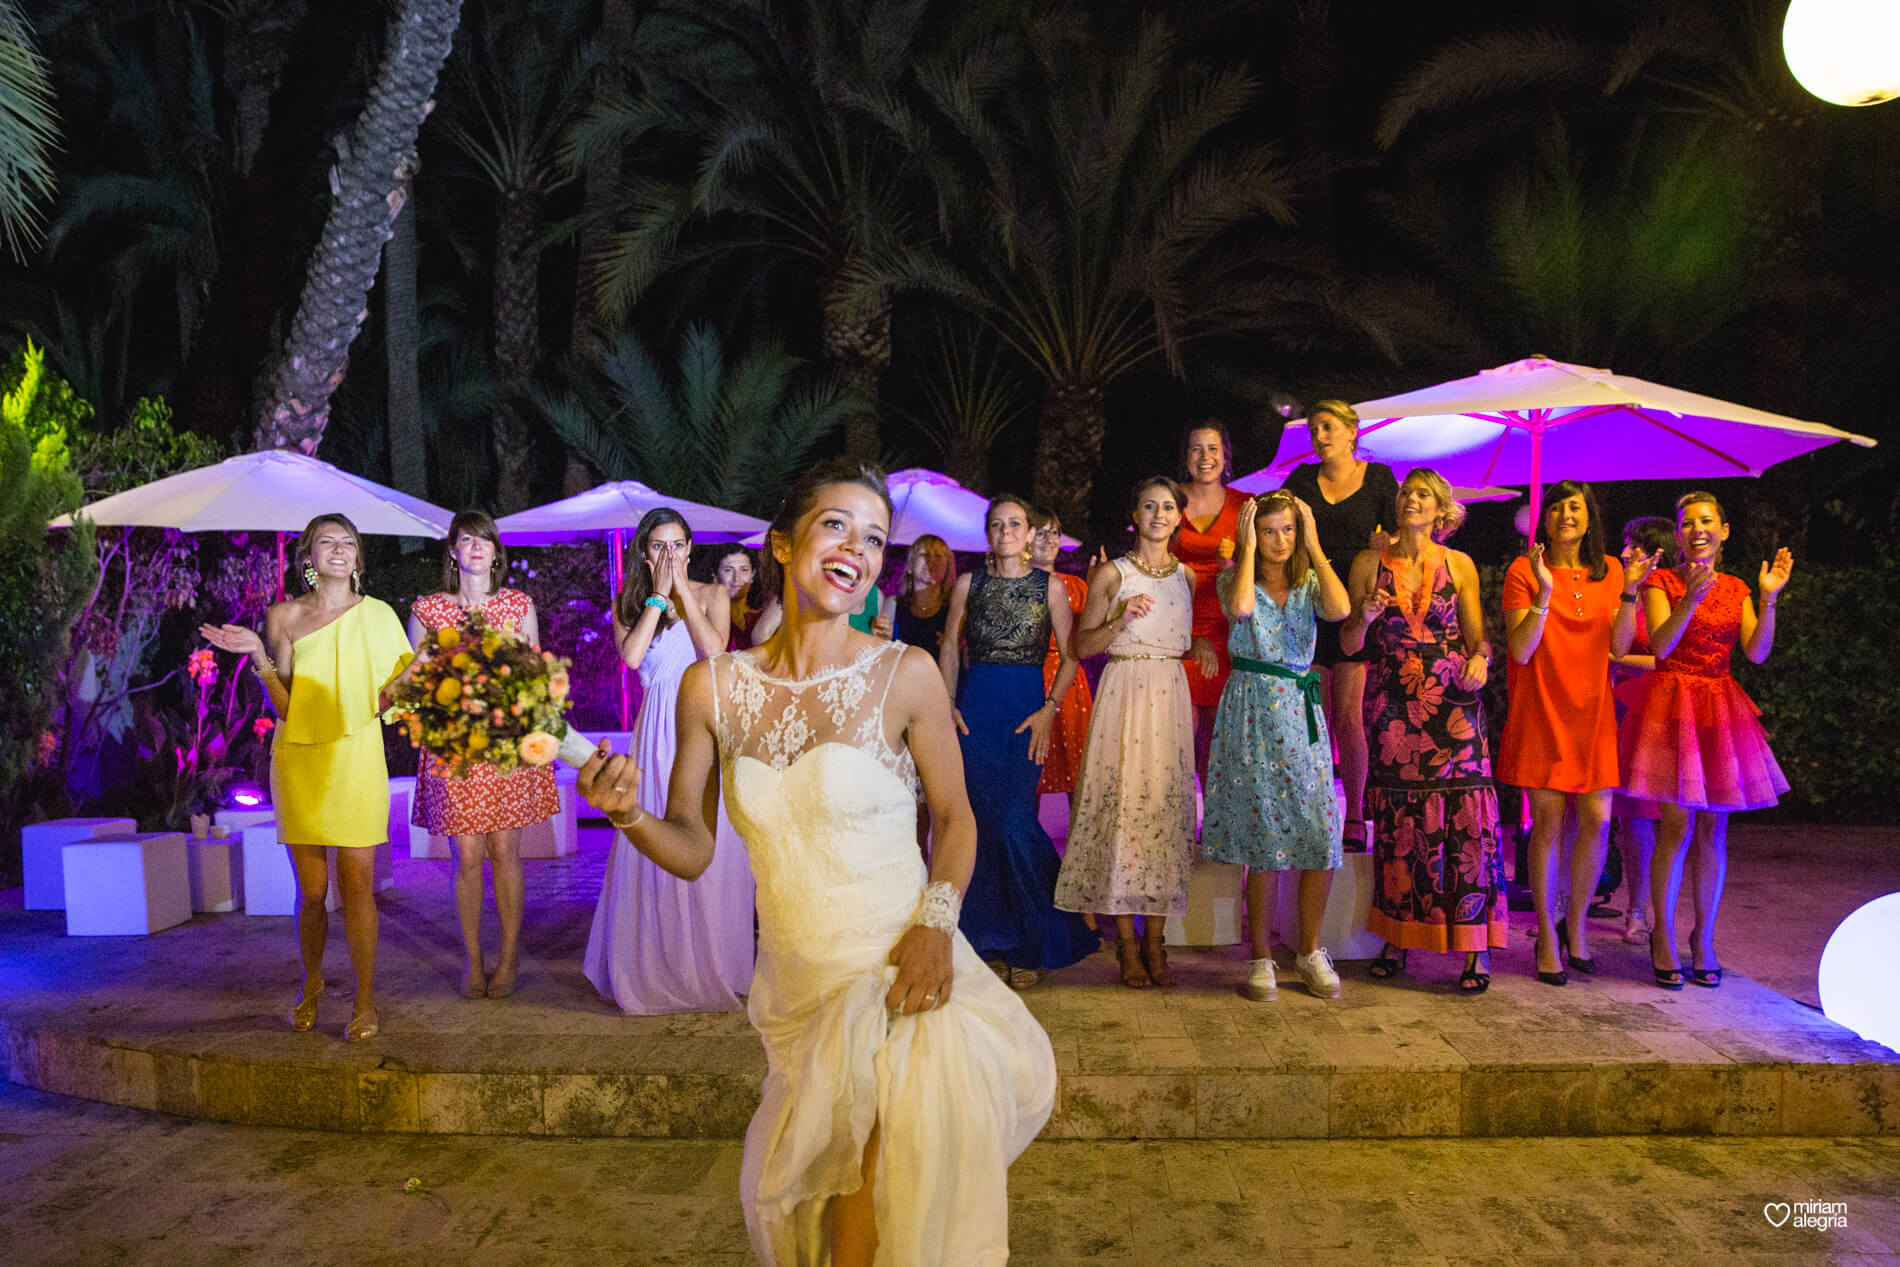 wedding-huerto-del-cura-elche-miriam-alegria-fotografos-boda-103